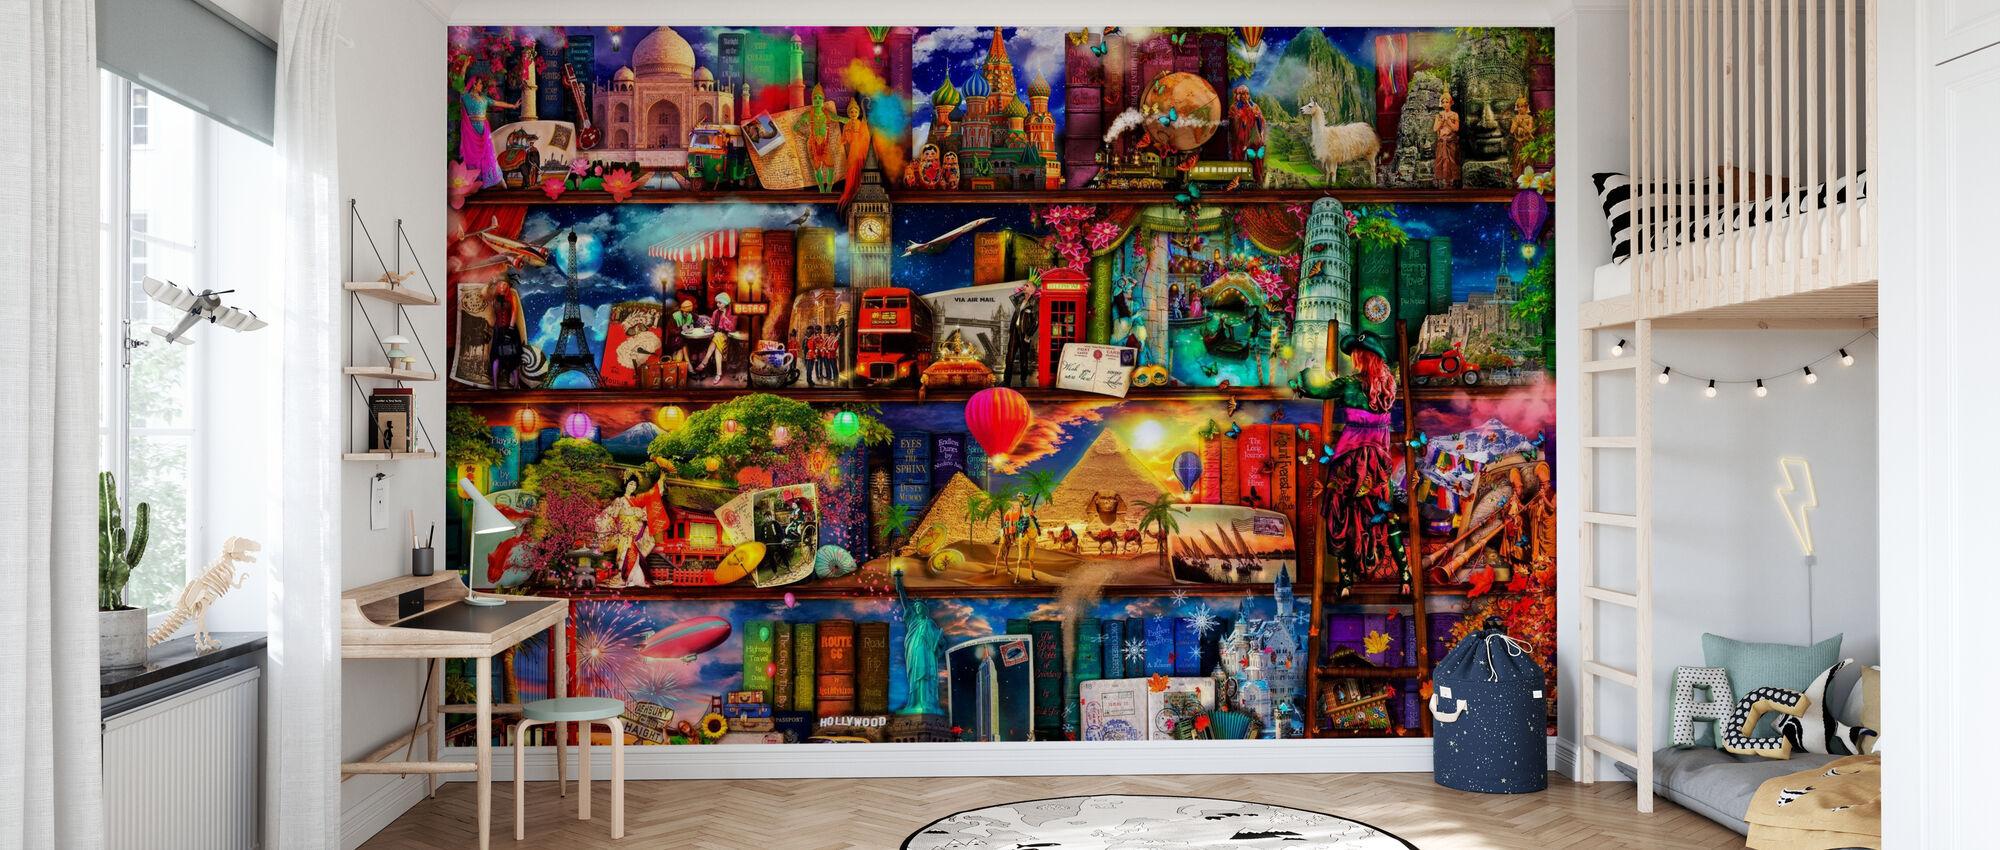 World Travel Bücherregal - Tapete - Kinderzimmer